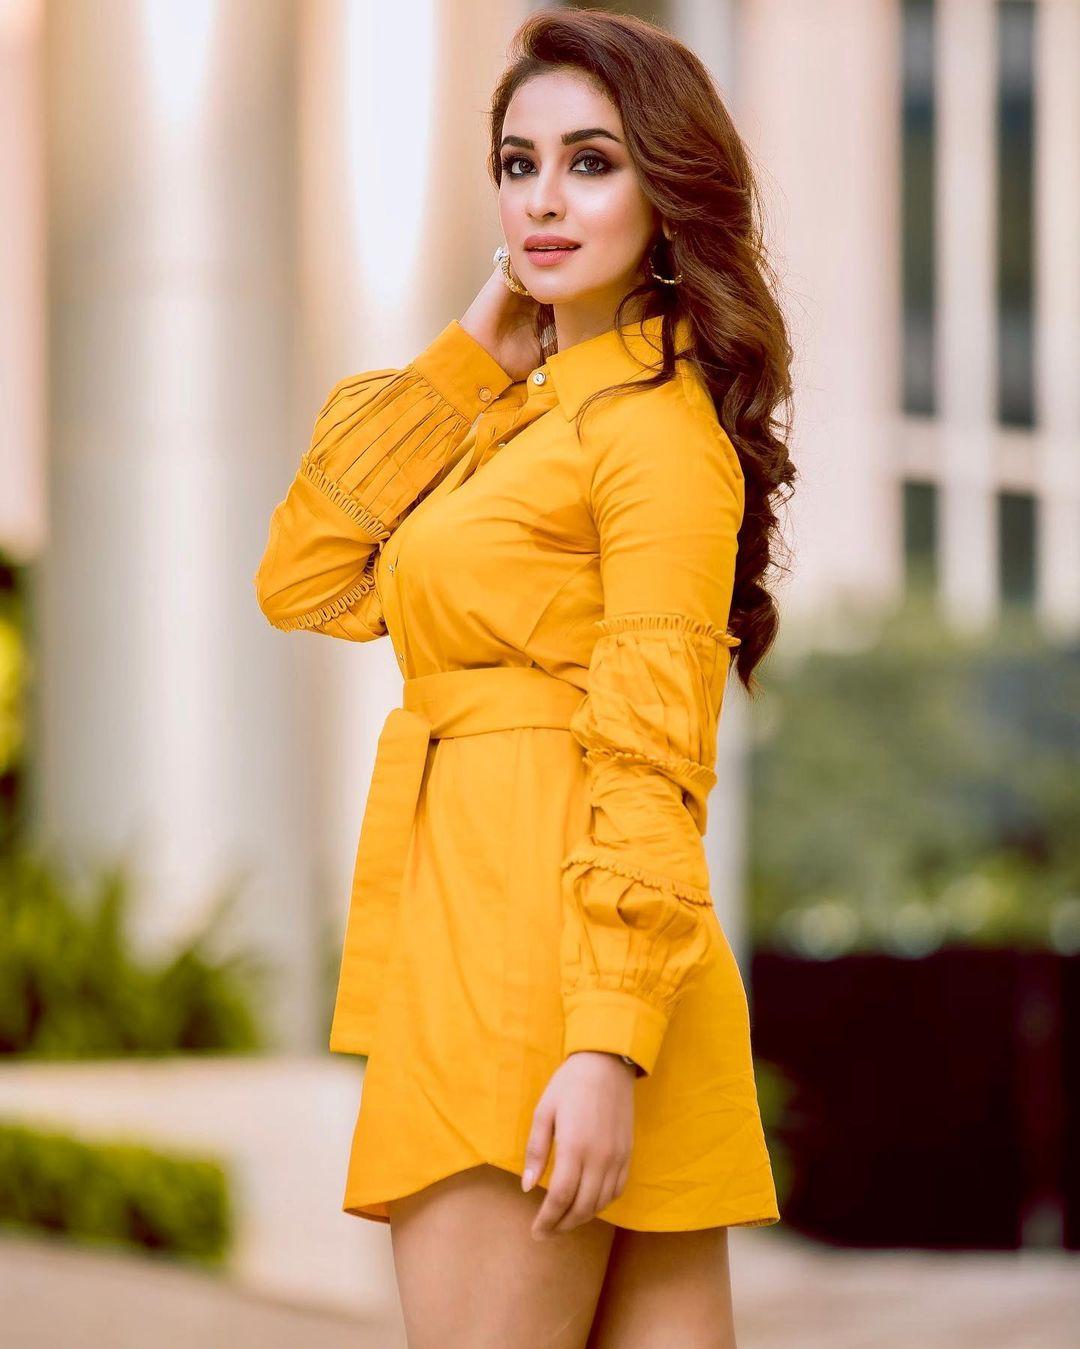 [44+] Musskan Sethi Photos (15)